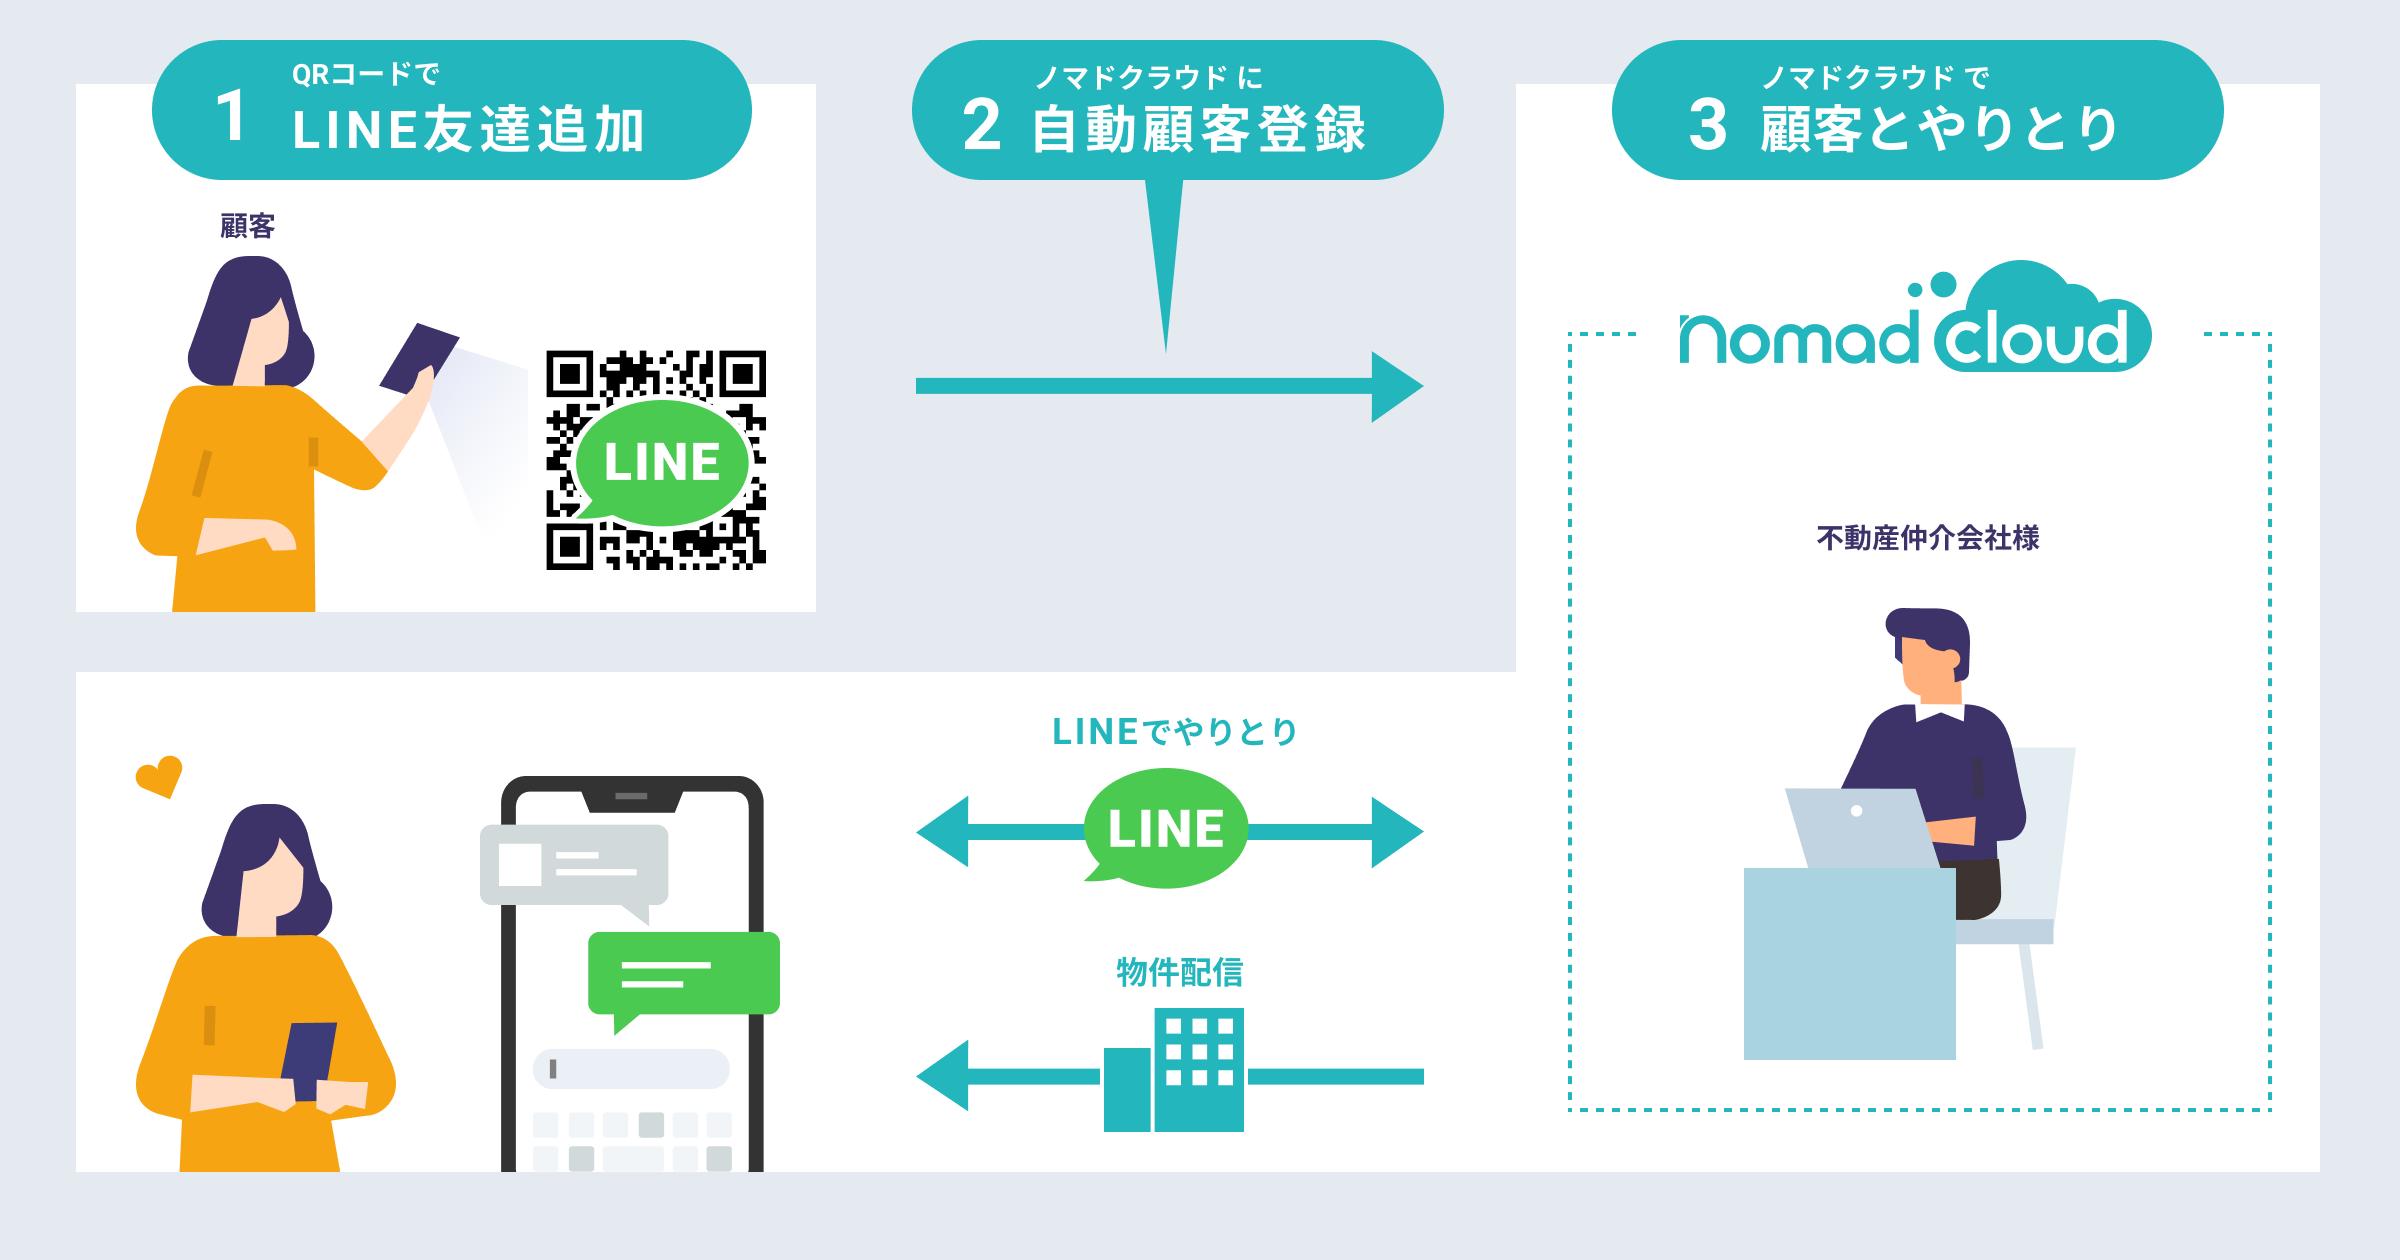 ノマドクラウドのLINE登録機能